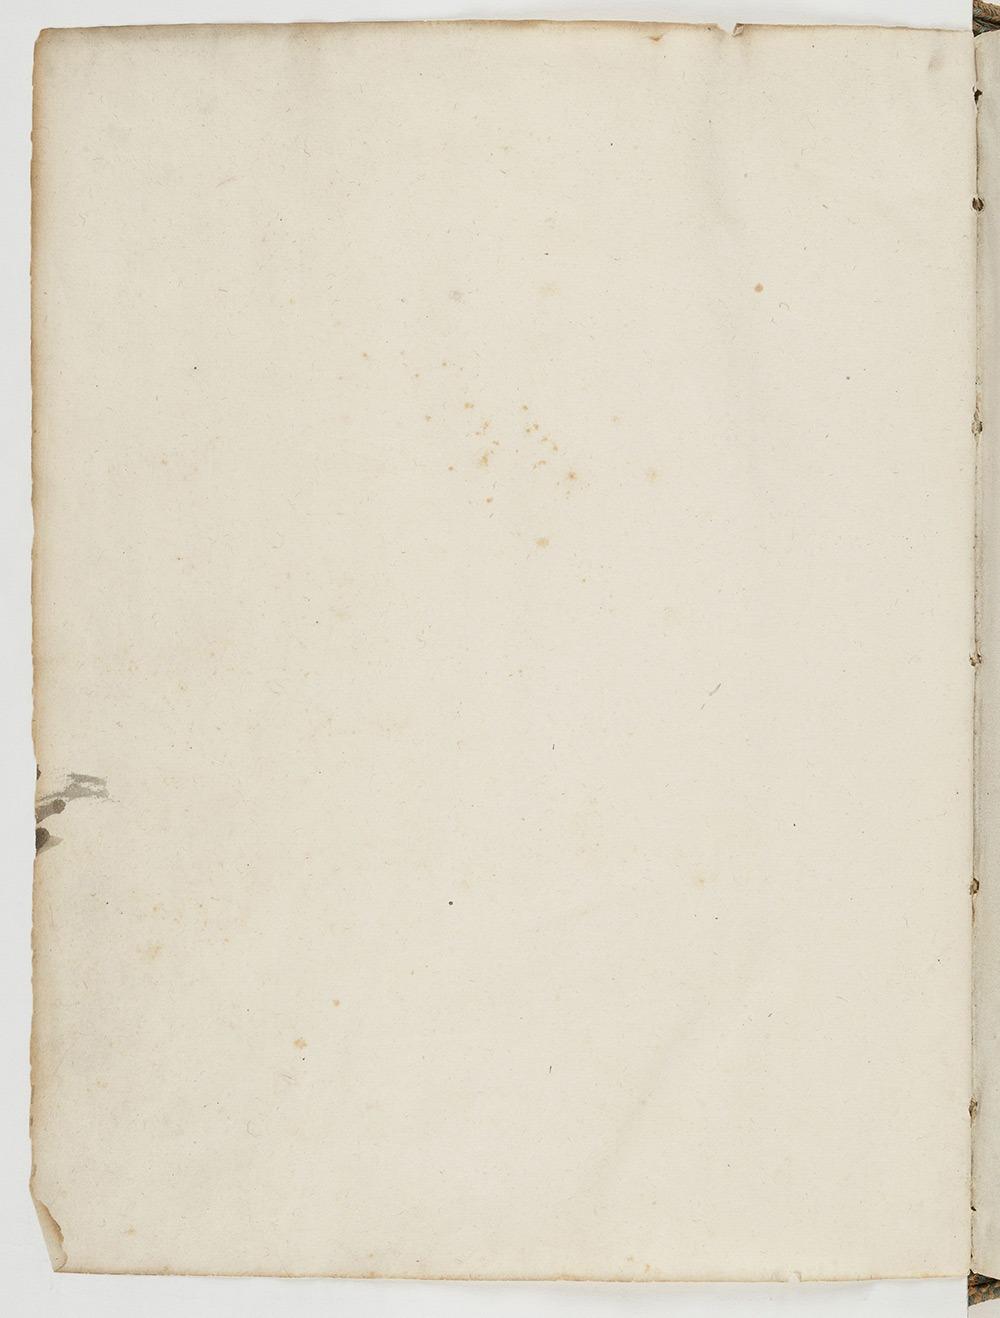 Une simple page qui ouvre le recueil Grec 49 disponible sur Gallica/BNF